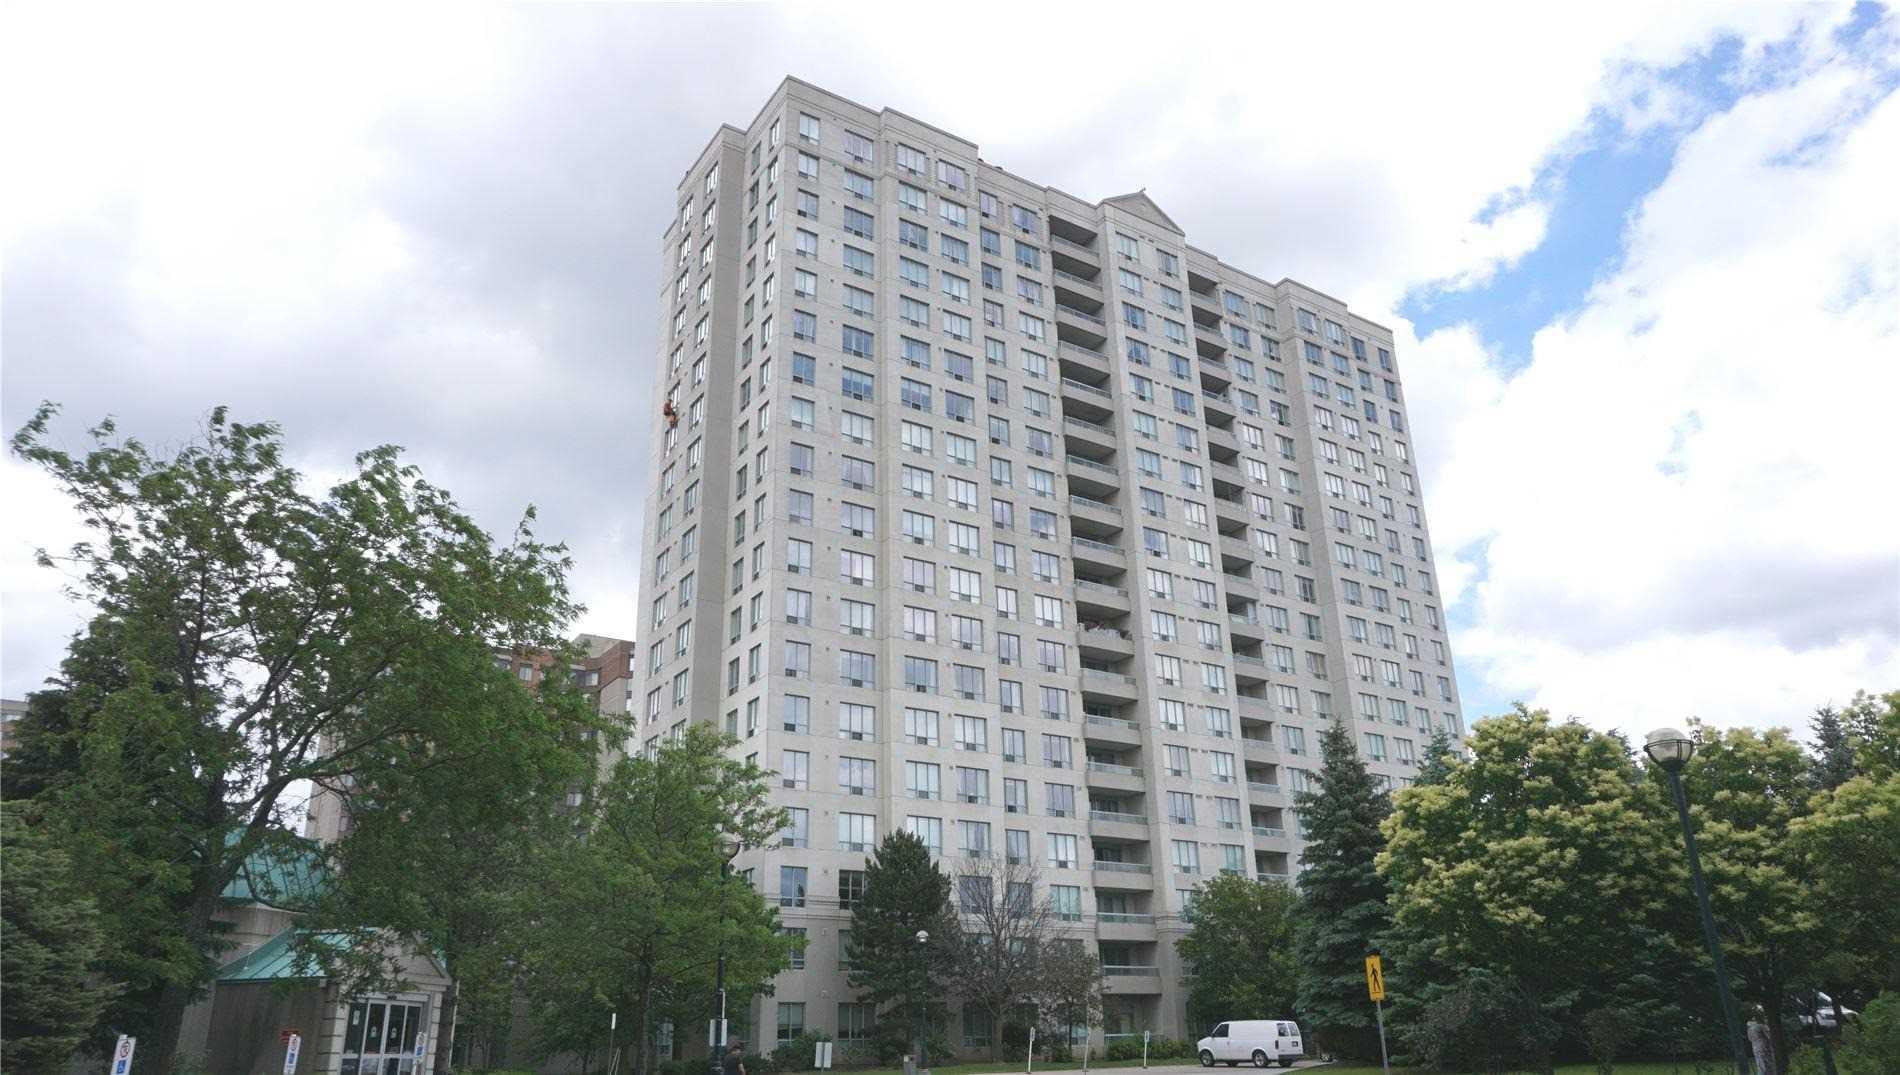 5039 Finch Ave E, Unit 503 photo #1